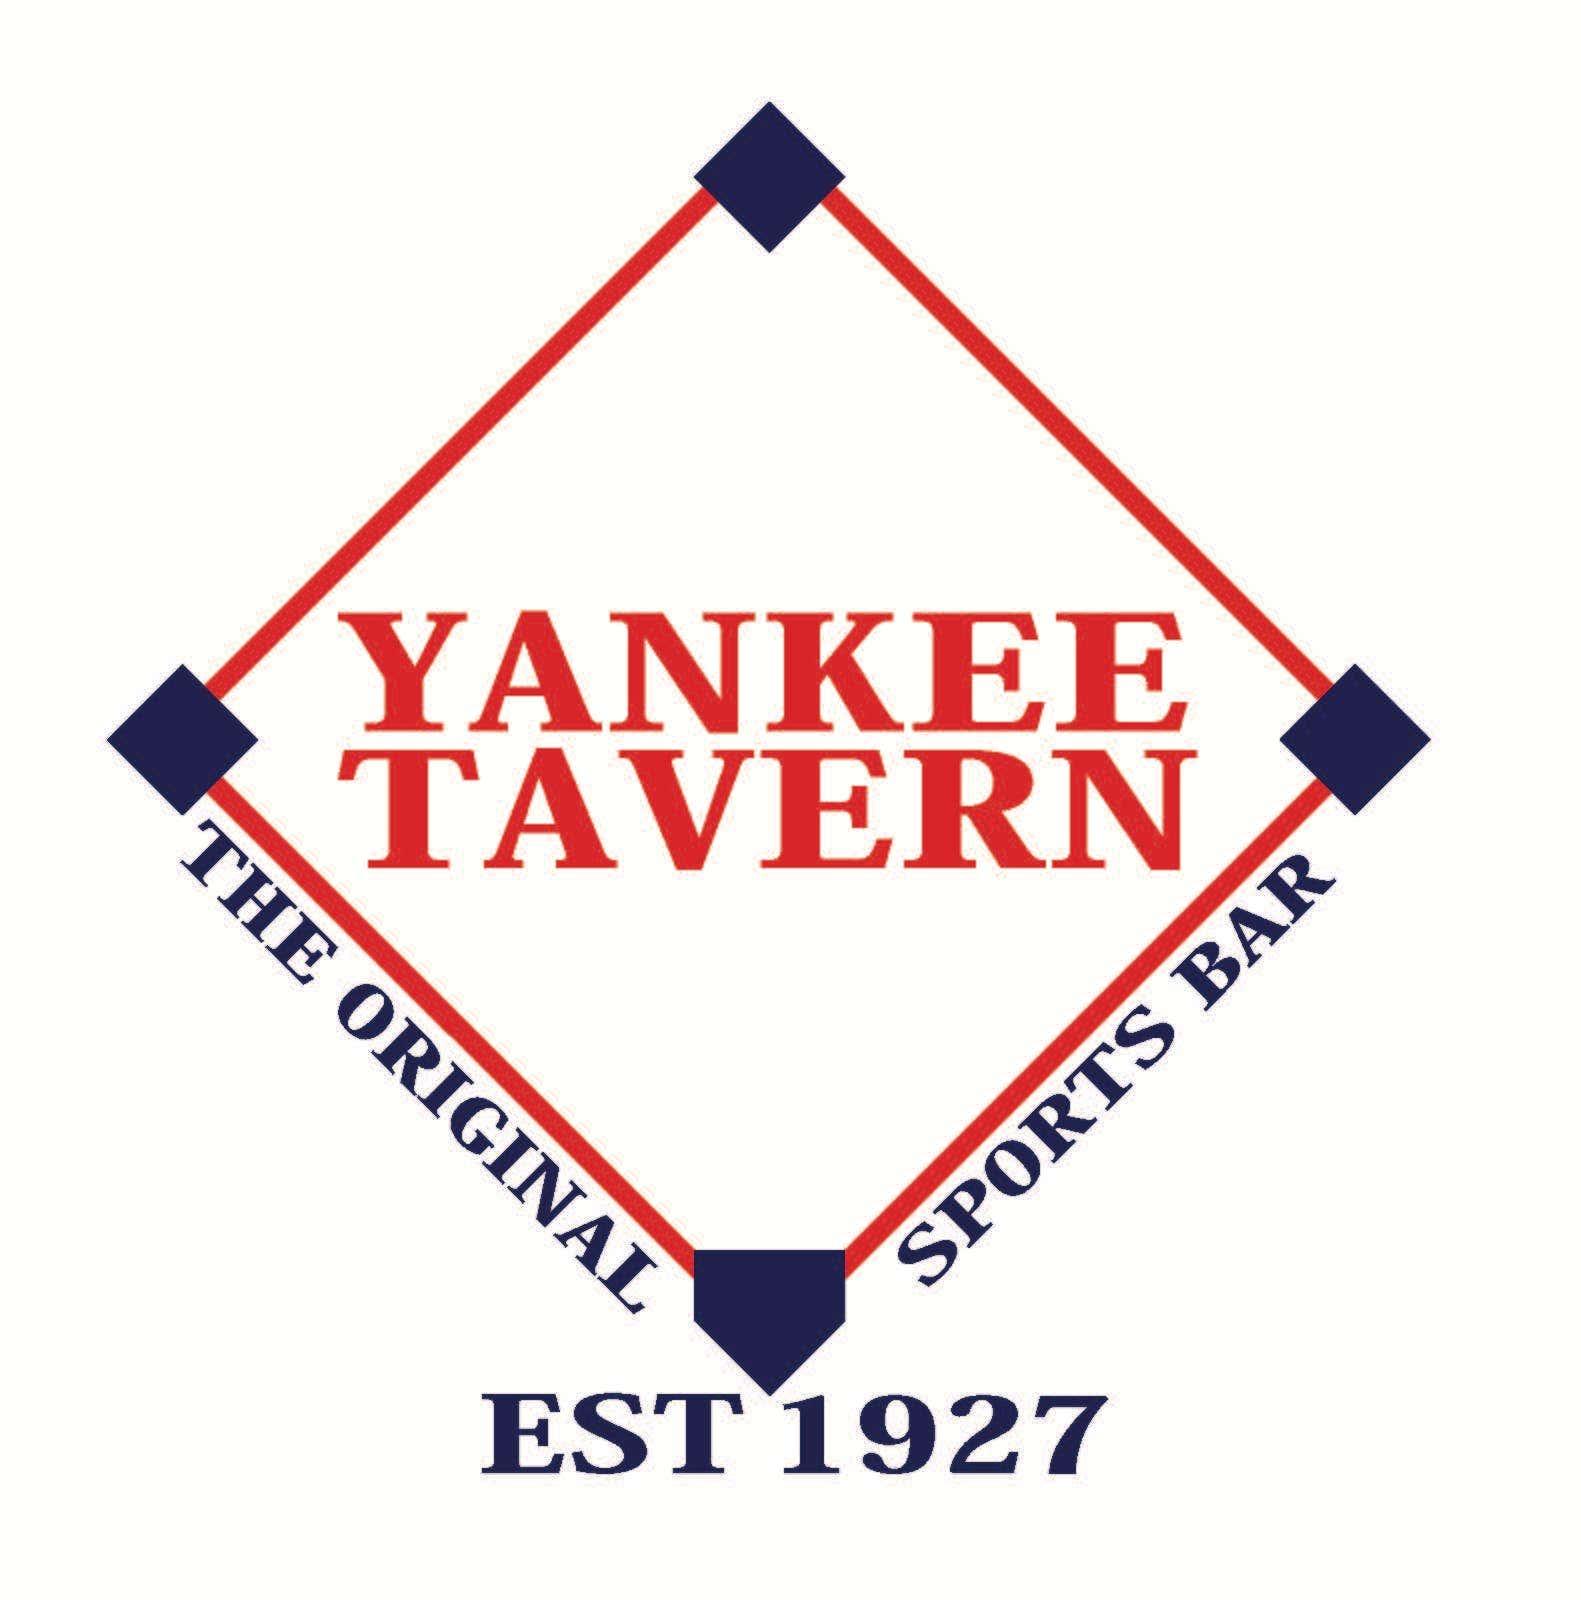 J & L Yankee Tavern